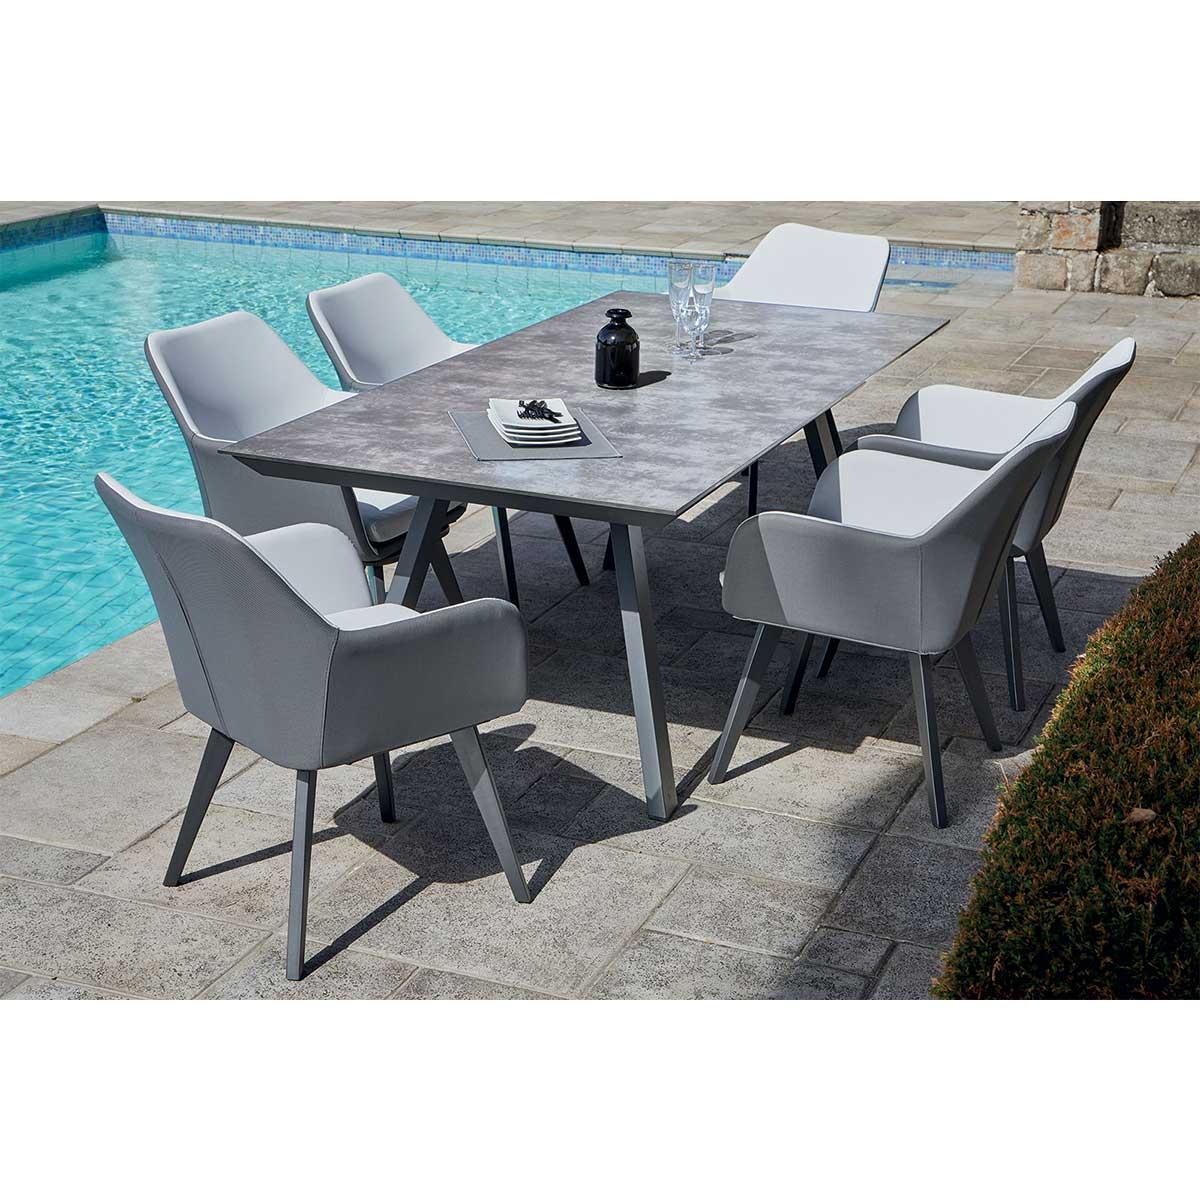 Ensemble de jardin fauteuils empilables avec coussins - Anthracite - 200 x 100 x 74 cm